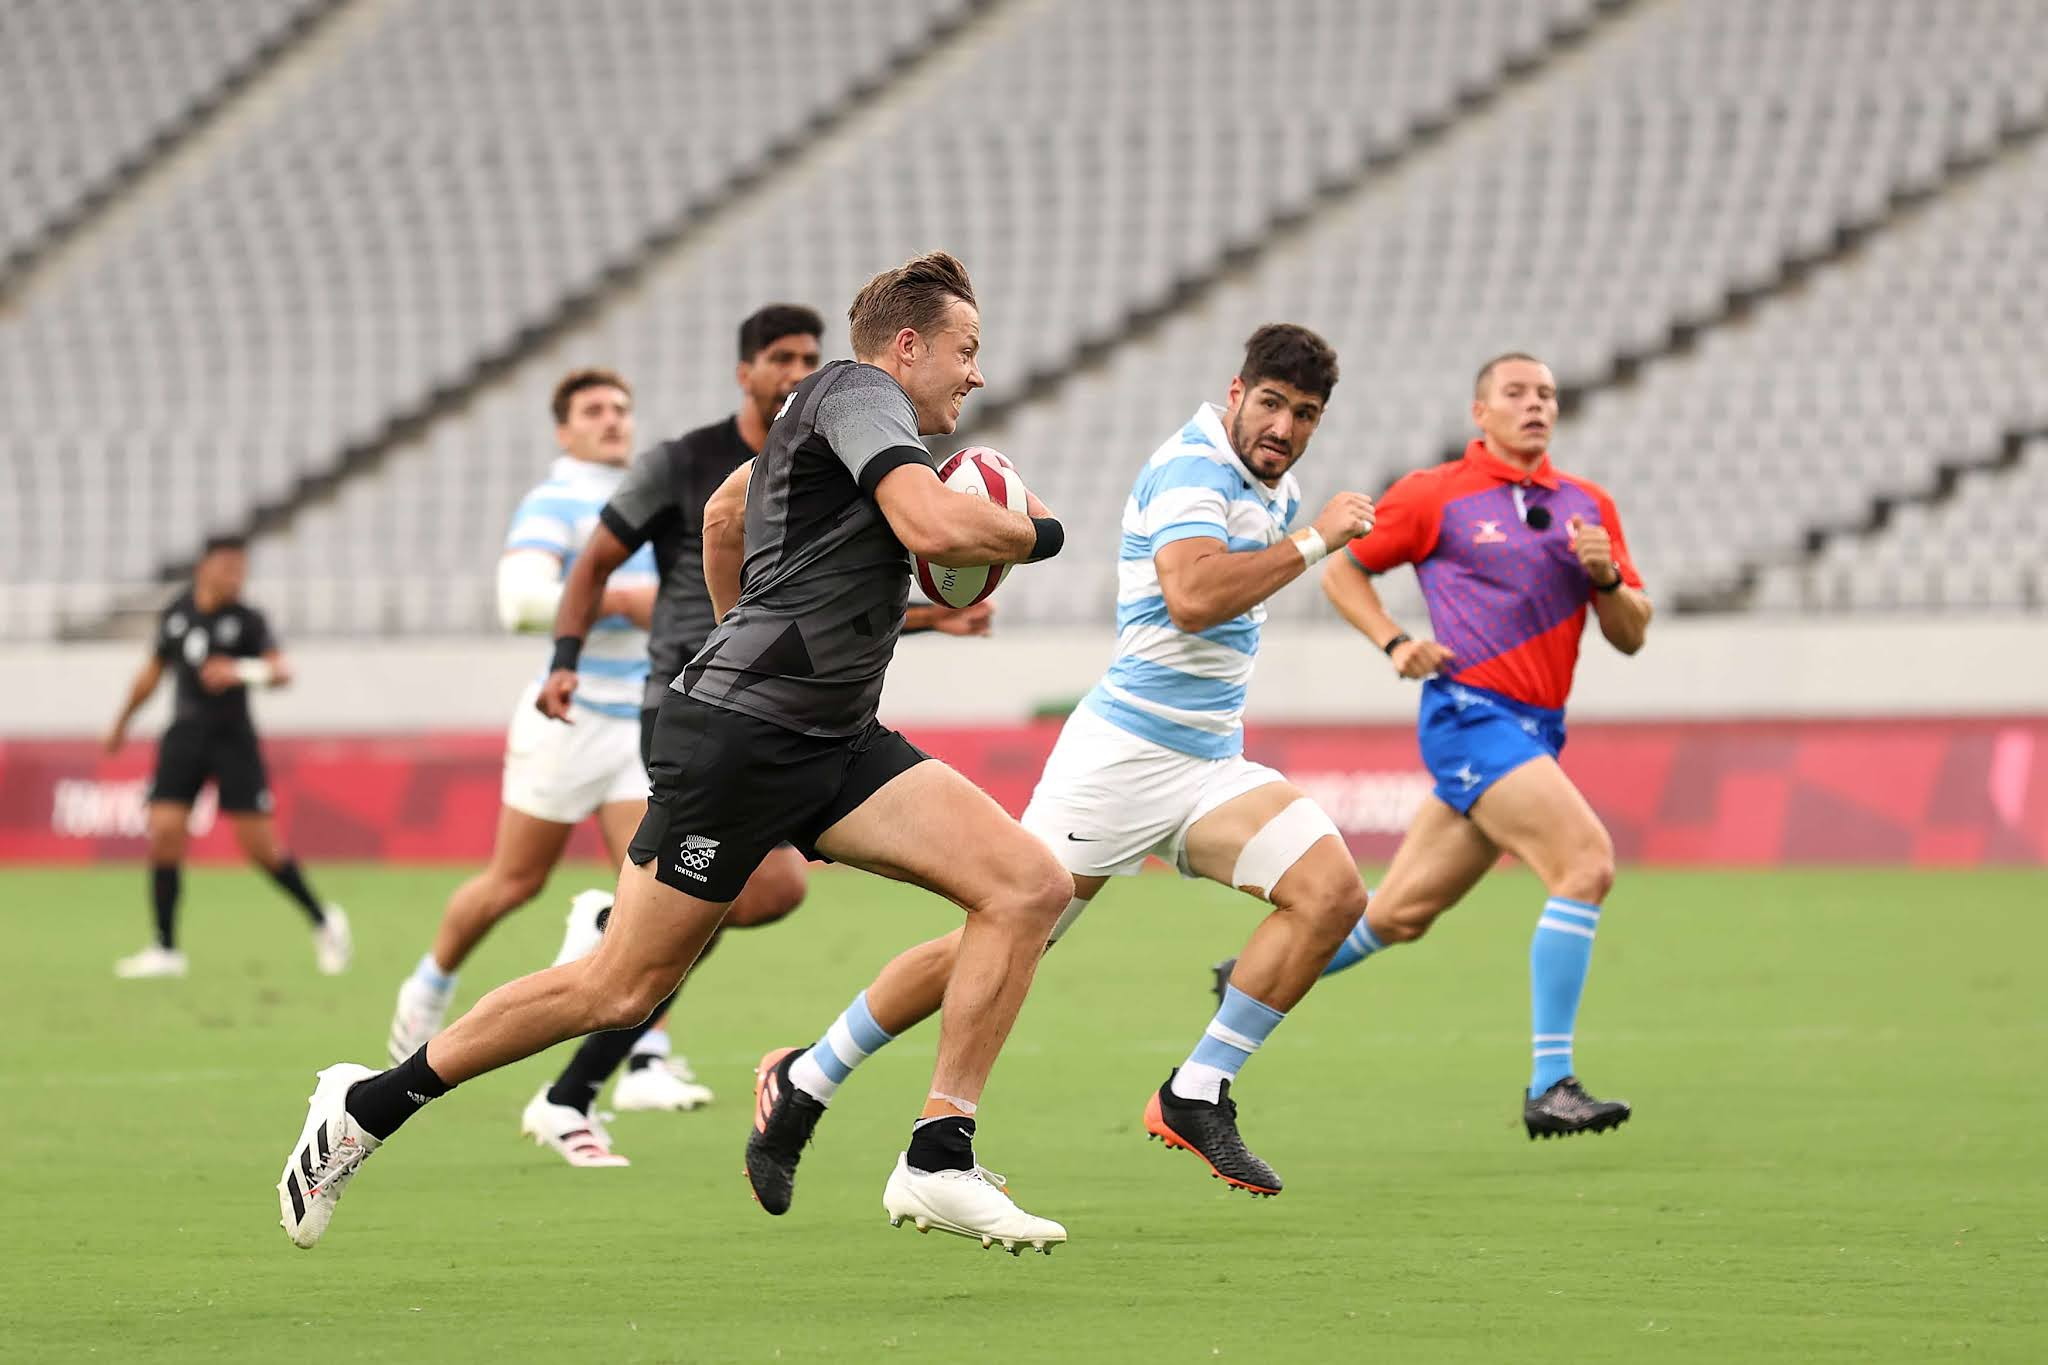 Los Pumas 7s no pudieron con la potencia de los hombres de Nueva Zelanda